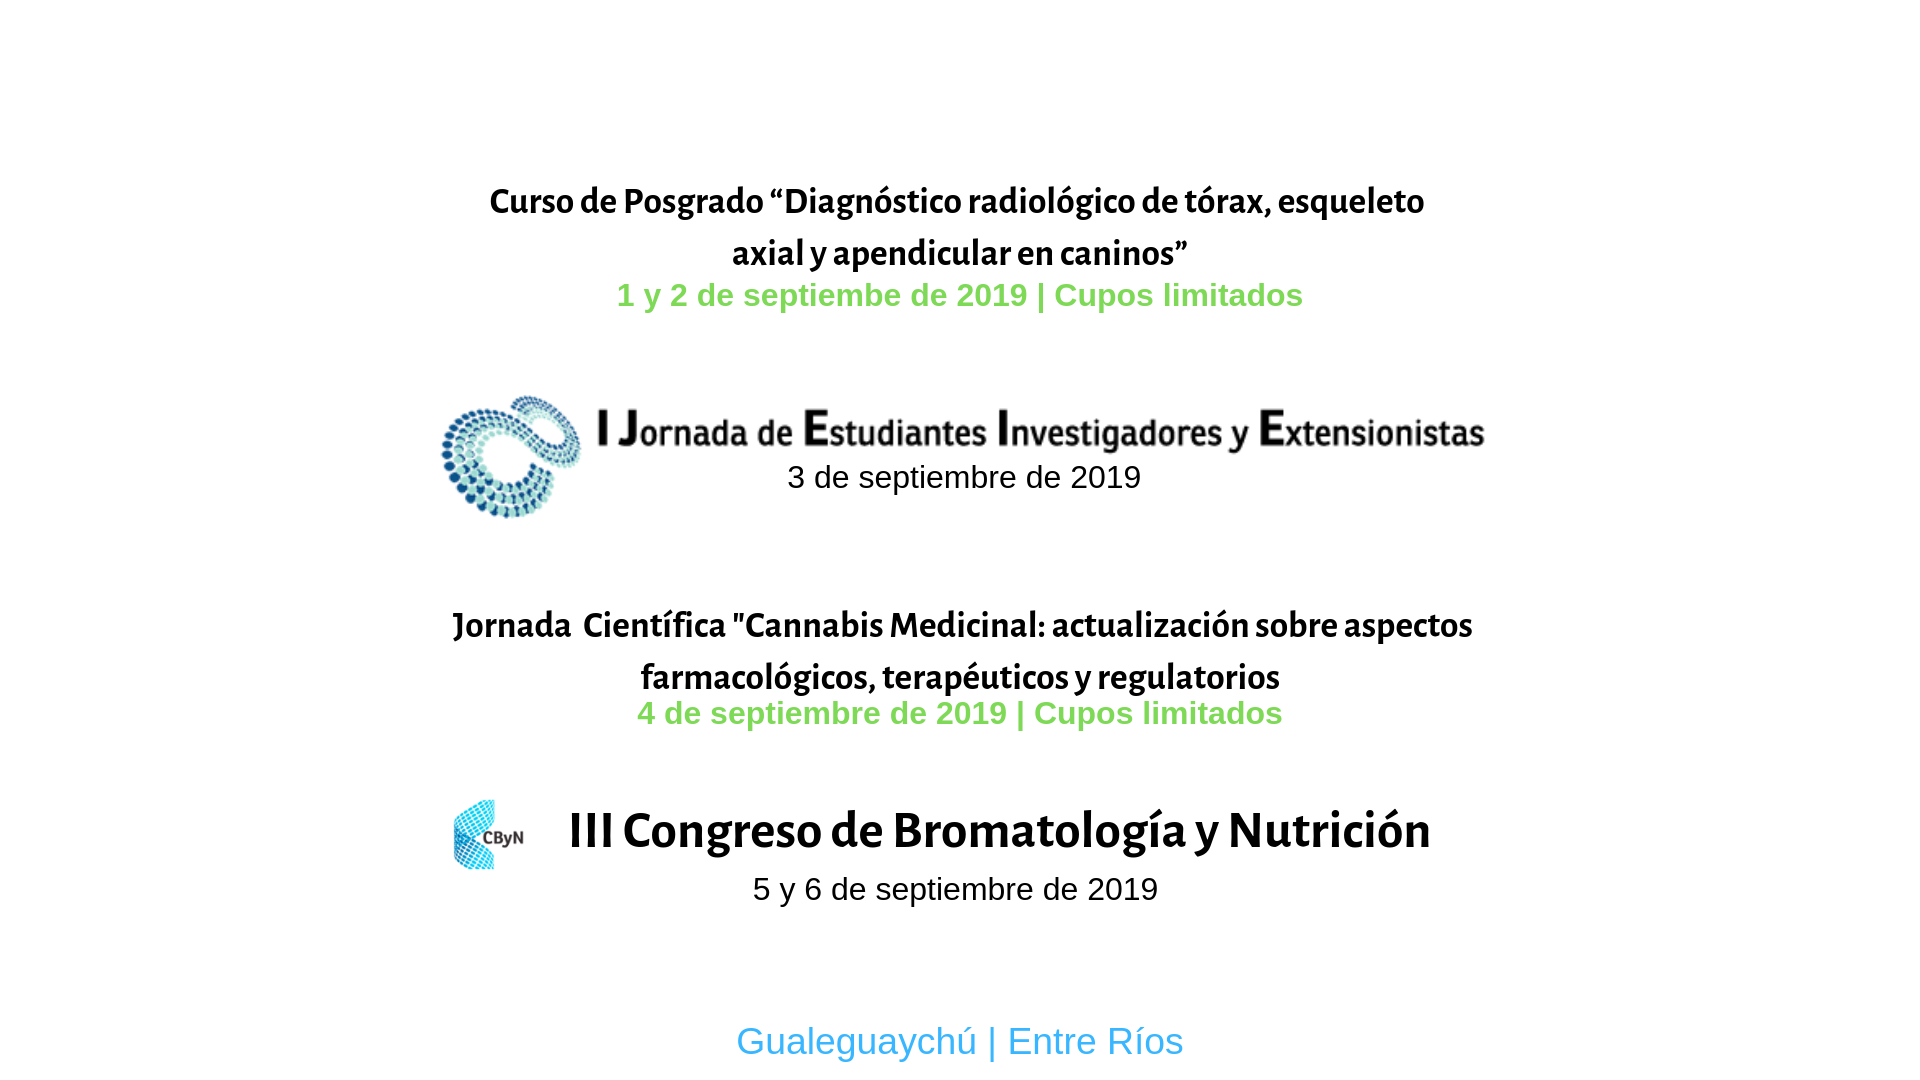 III Congreso Bromatologia y Nutricion